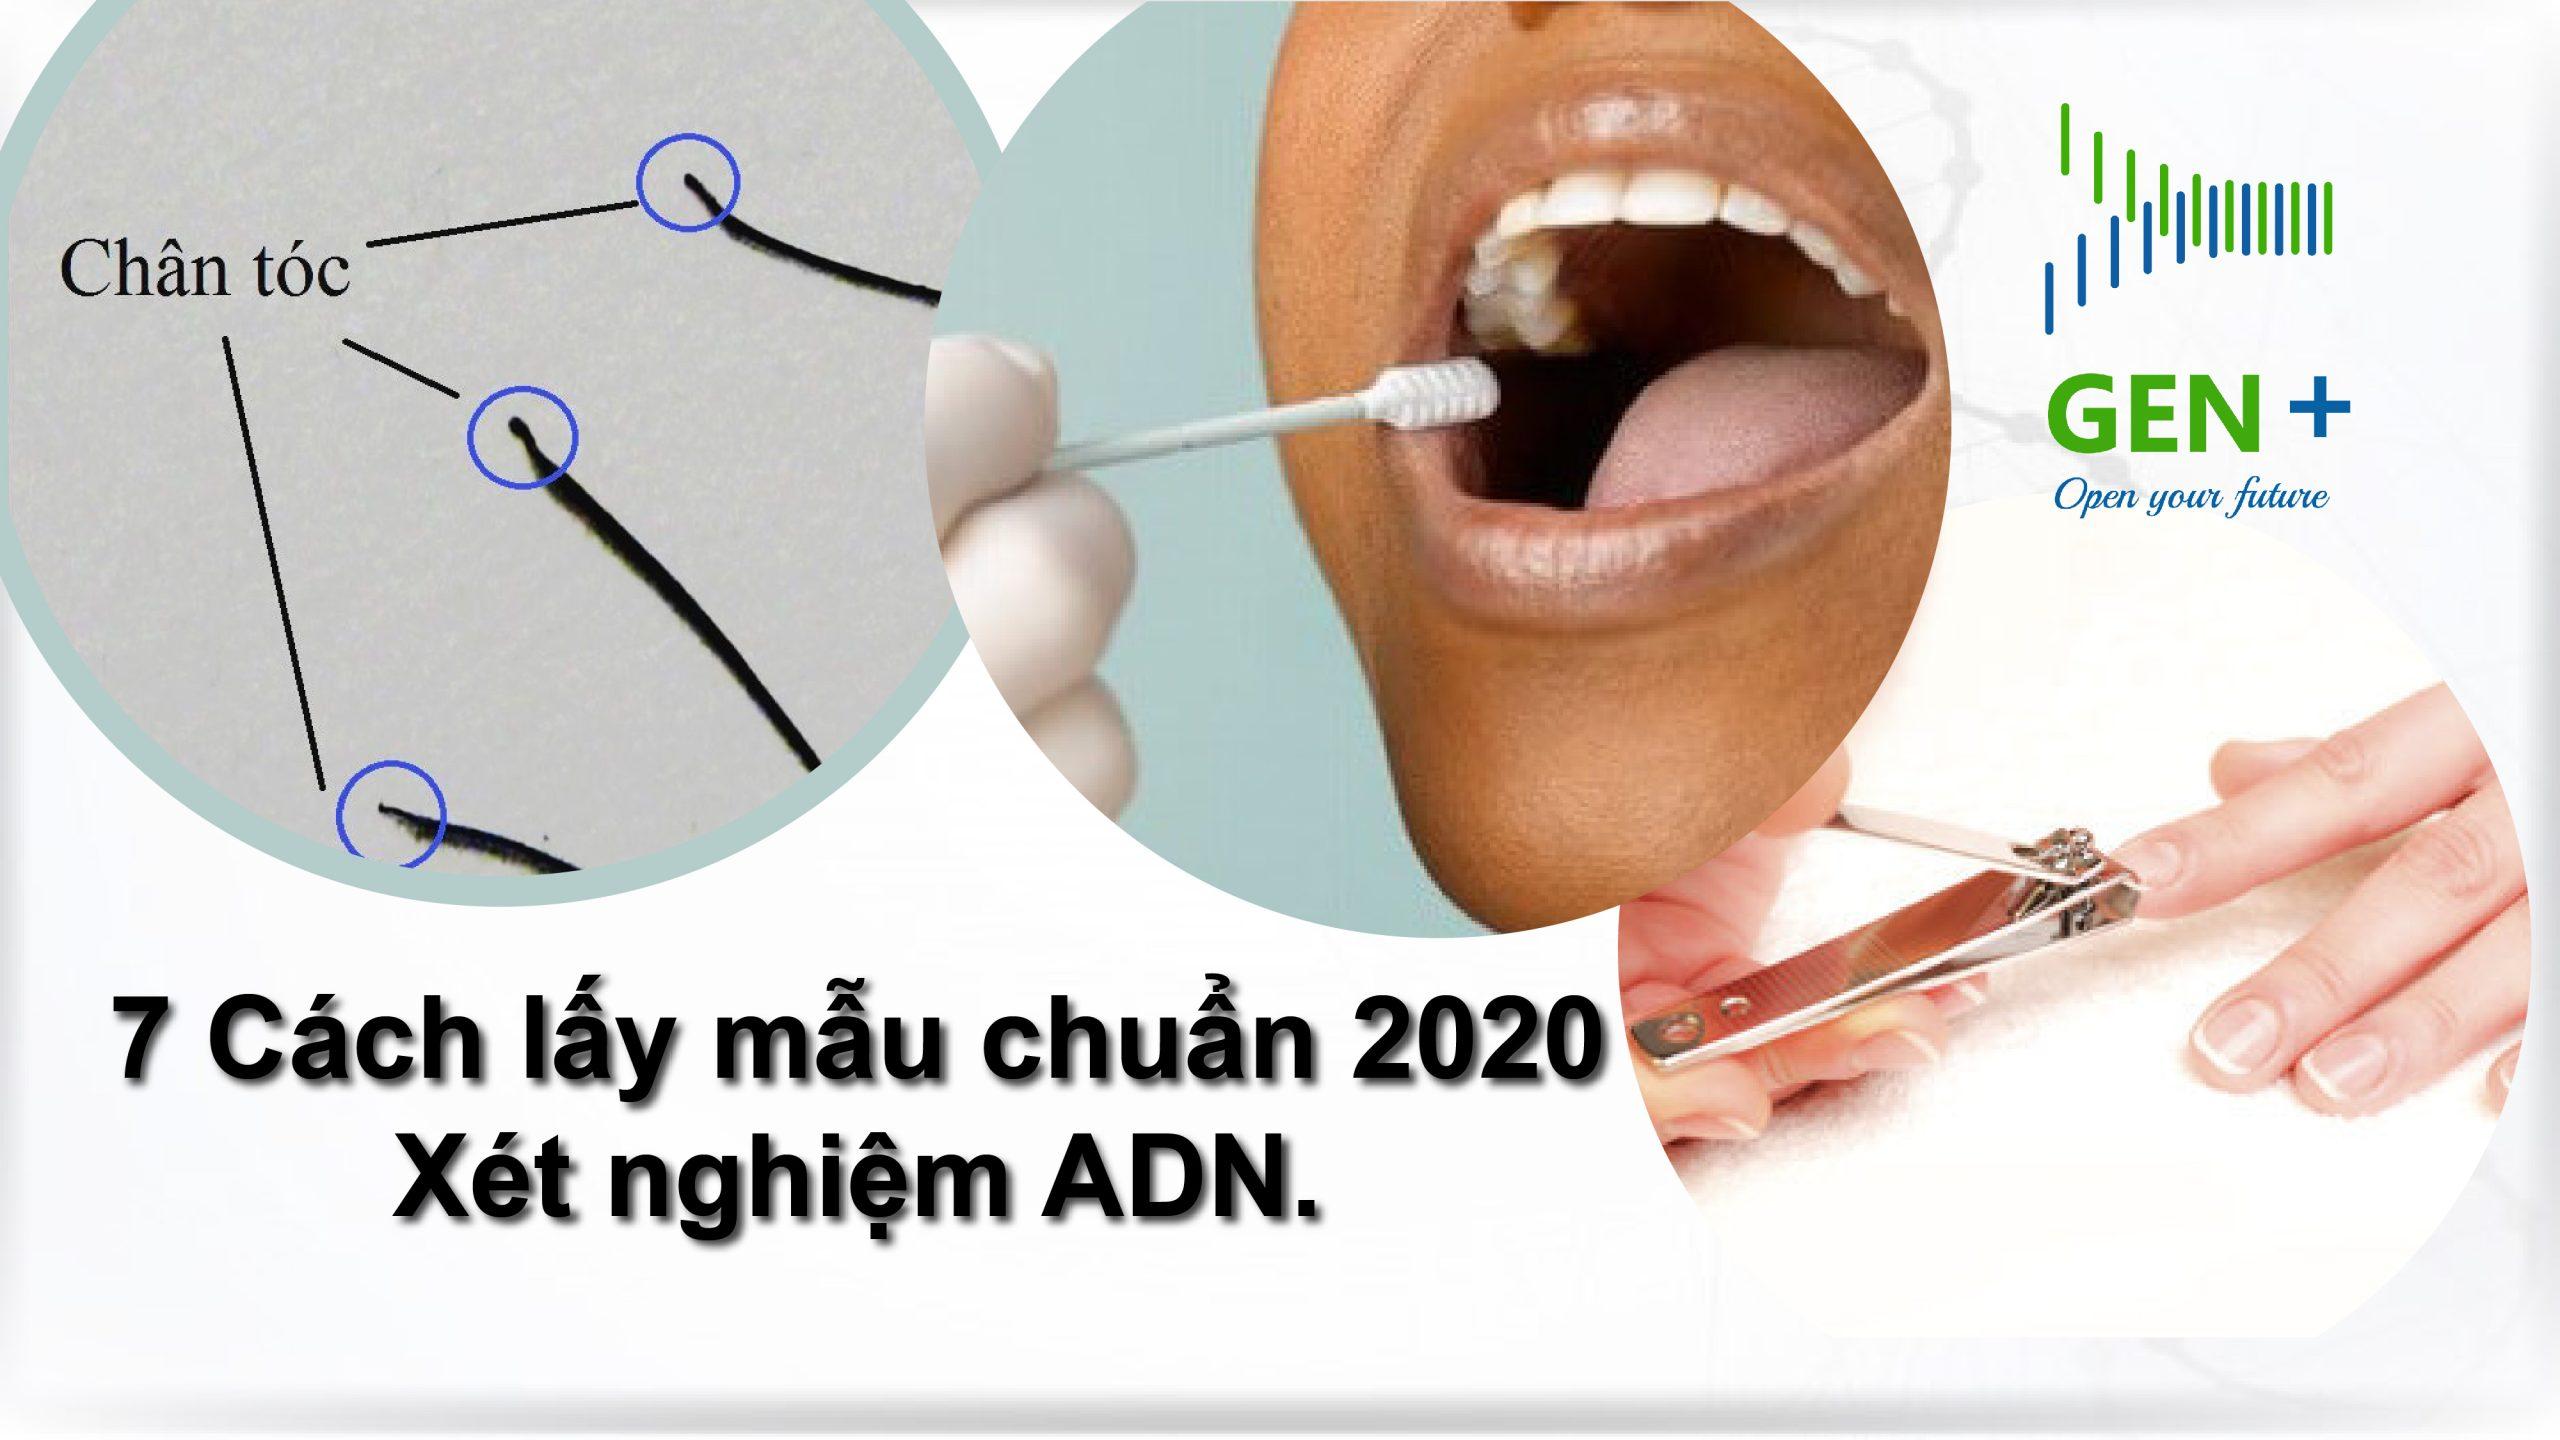 7 cách lấy mẫu xét nghiệm ADN chuẩn 2020